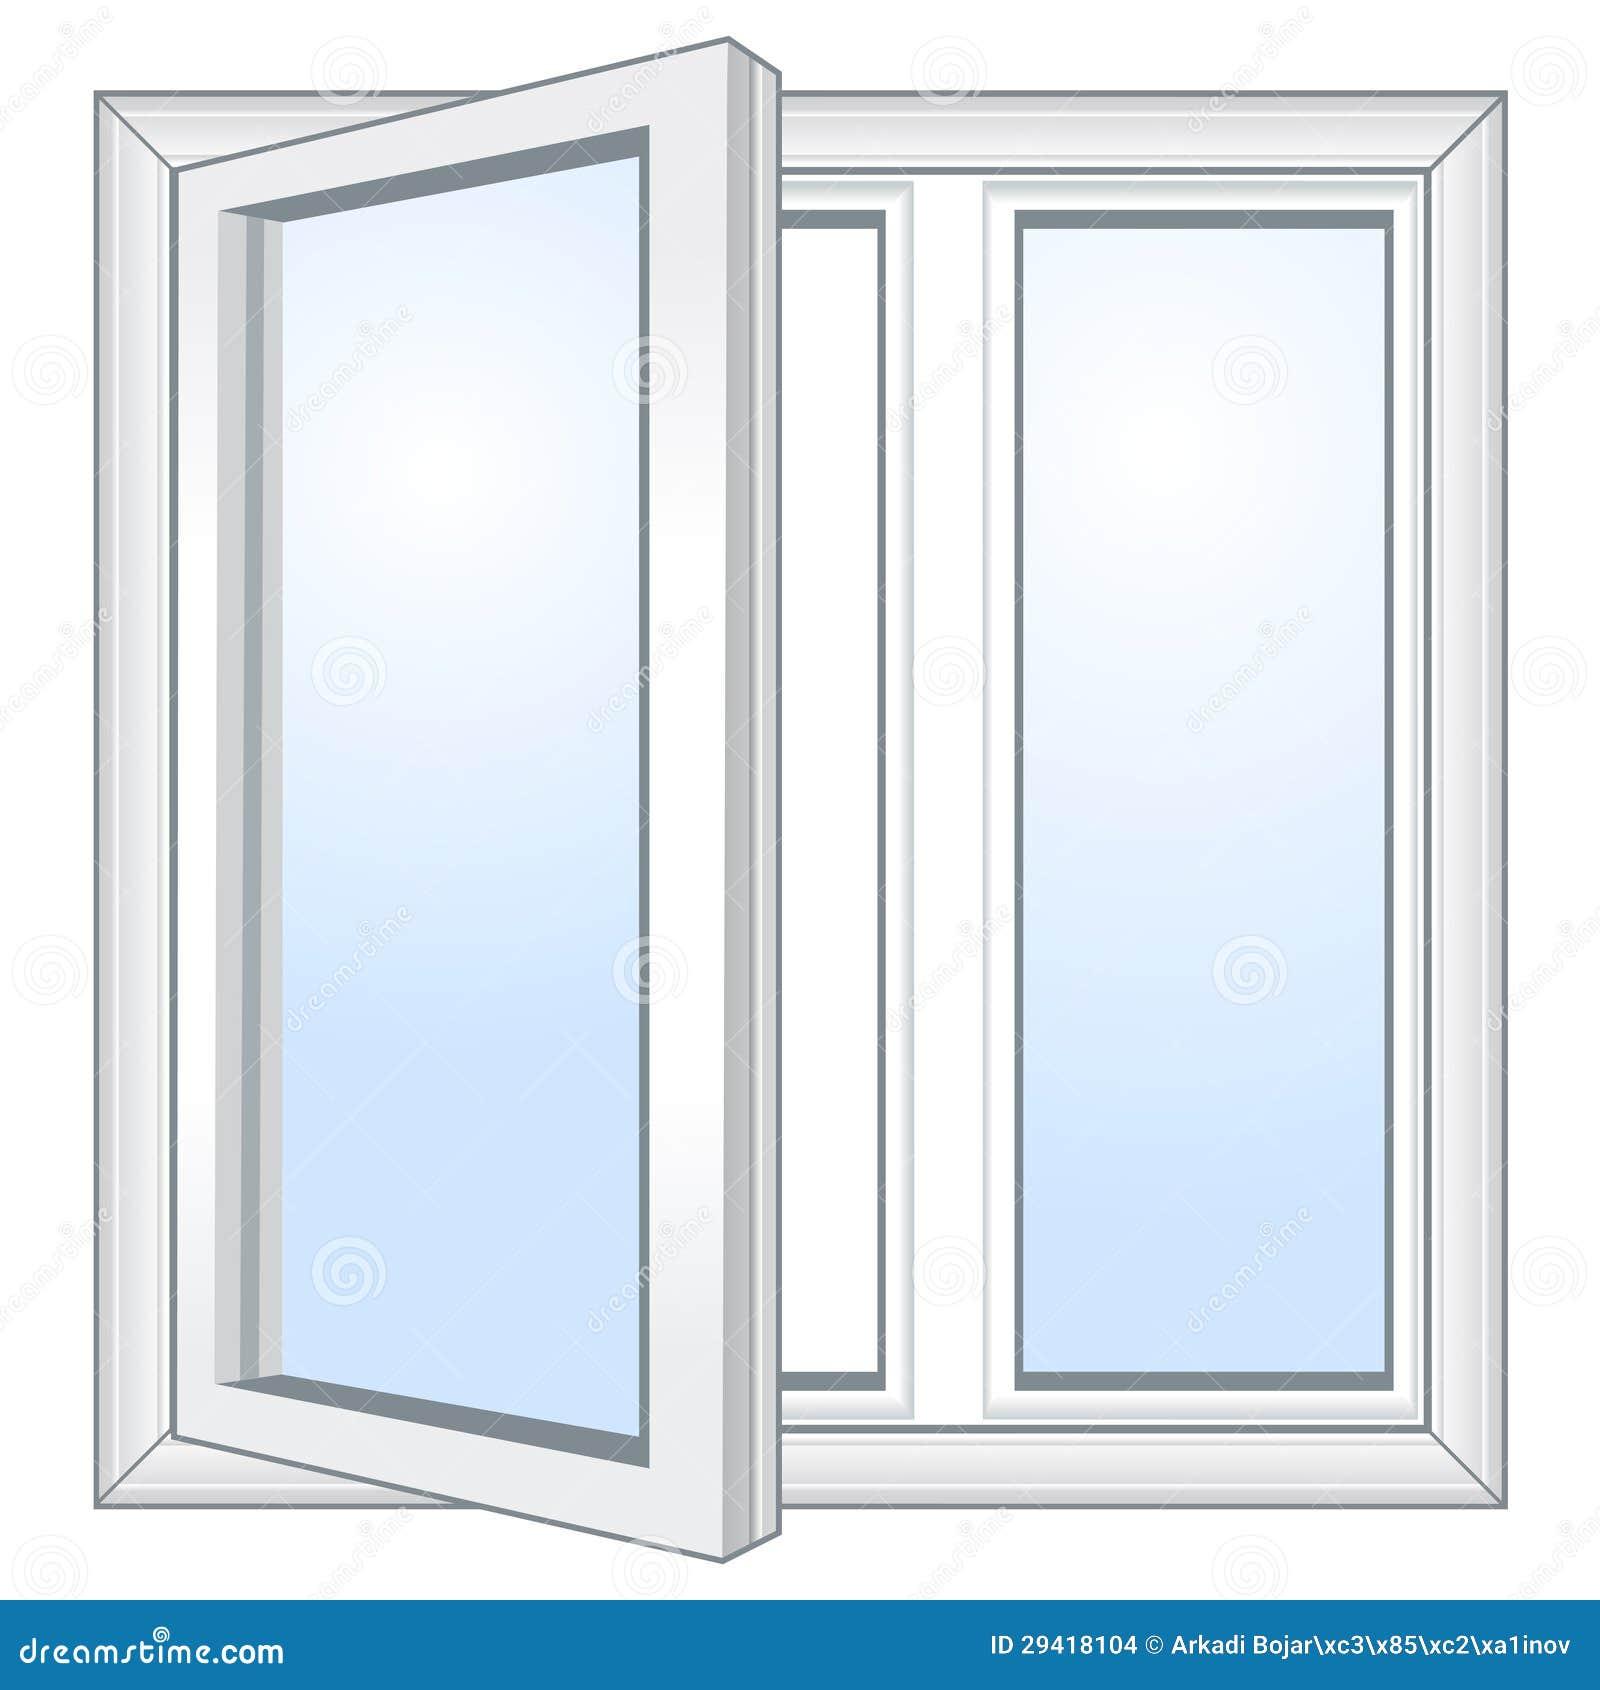 Offenes fenster gezeichnet  Vektoroffenes Fenster Stockbilder - Bild: 29418104